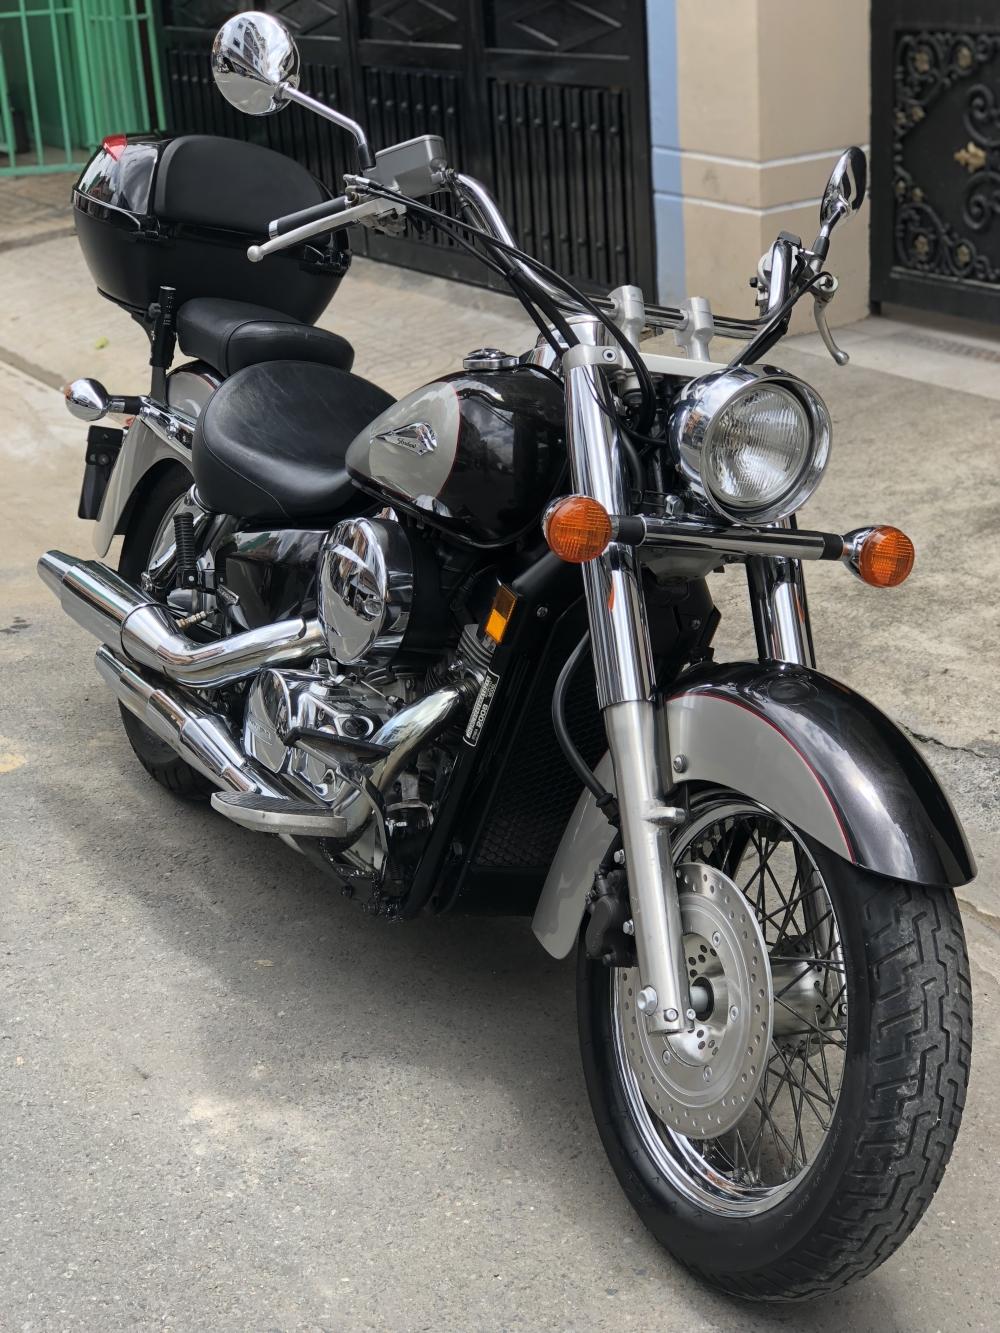 __Can Ban Honda Shadow 750cc HQCN date 2008 Fi chay duoc 15000kmngay chu ban xe vo mo do choi - 6